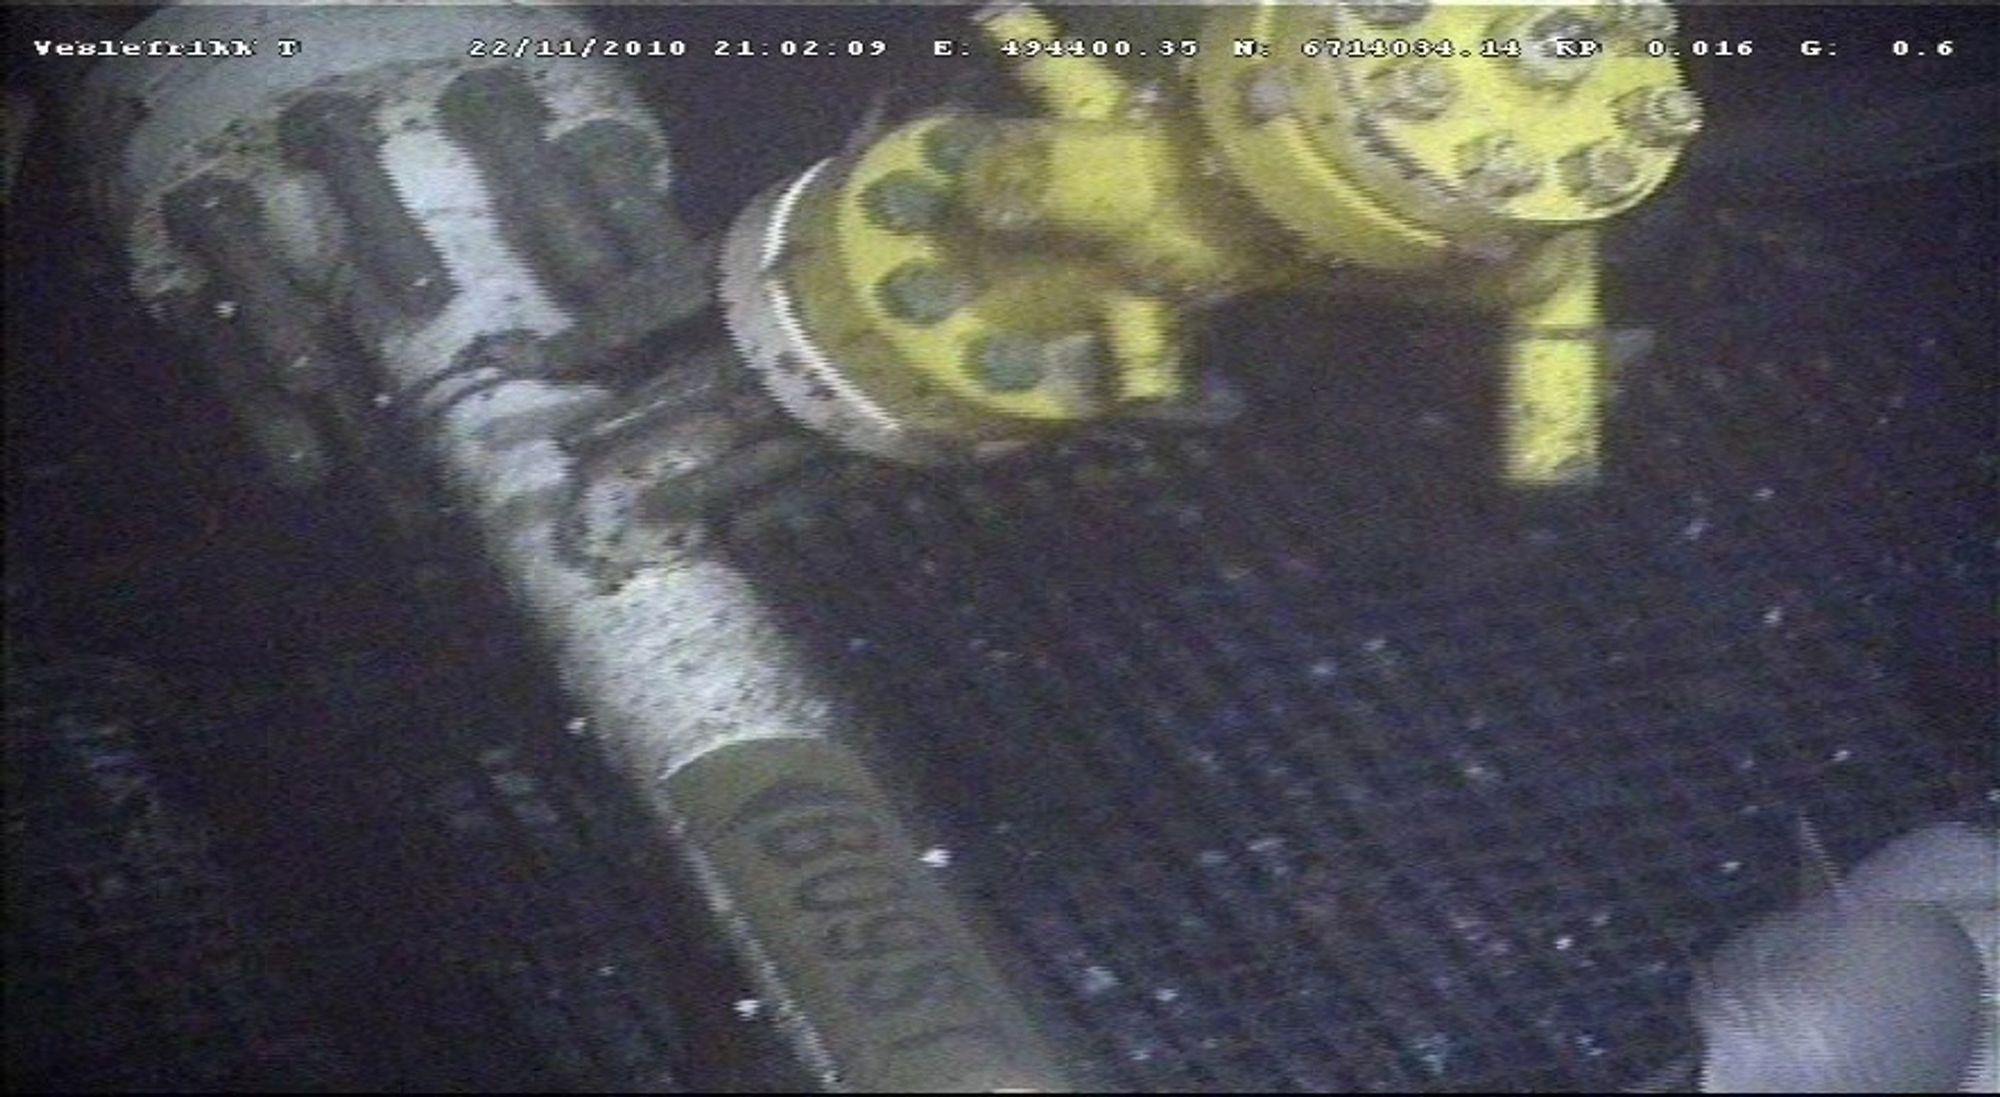 Rørkoblingen på Veslefrikk Tee er skadet, sannsynligvis på grunn av tråling.